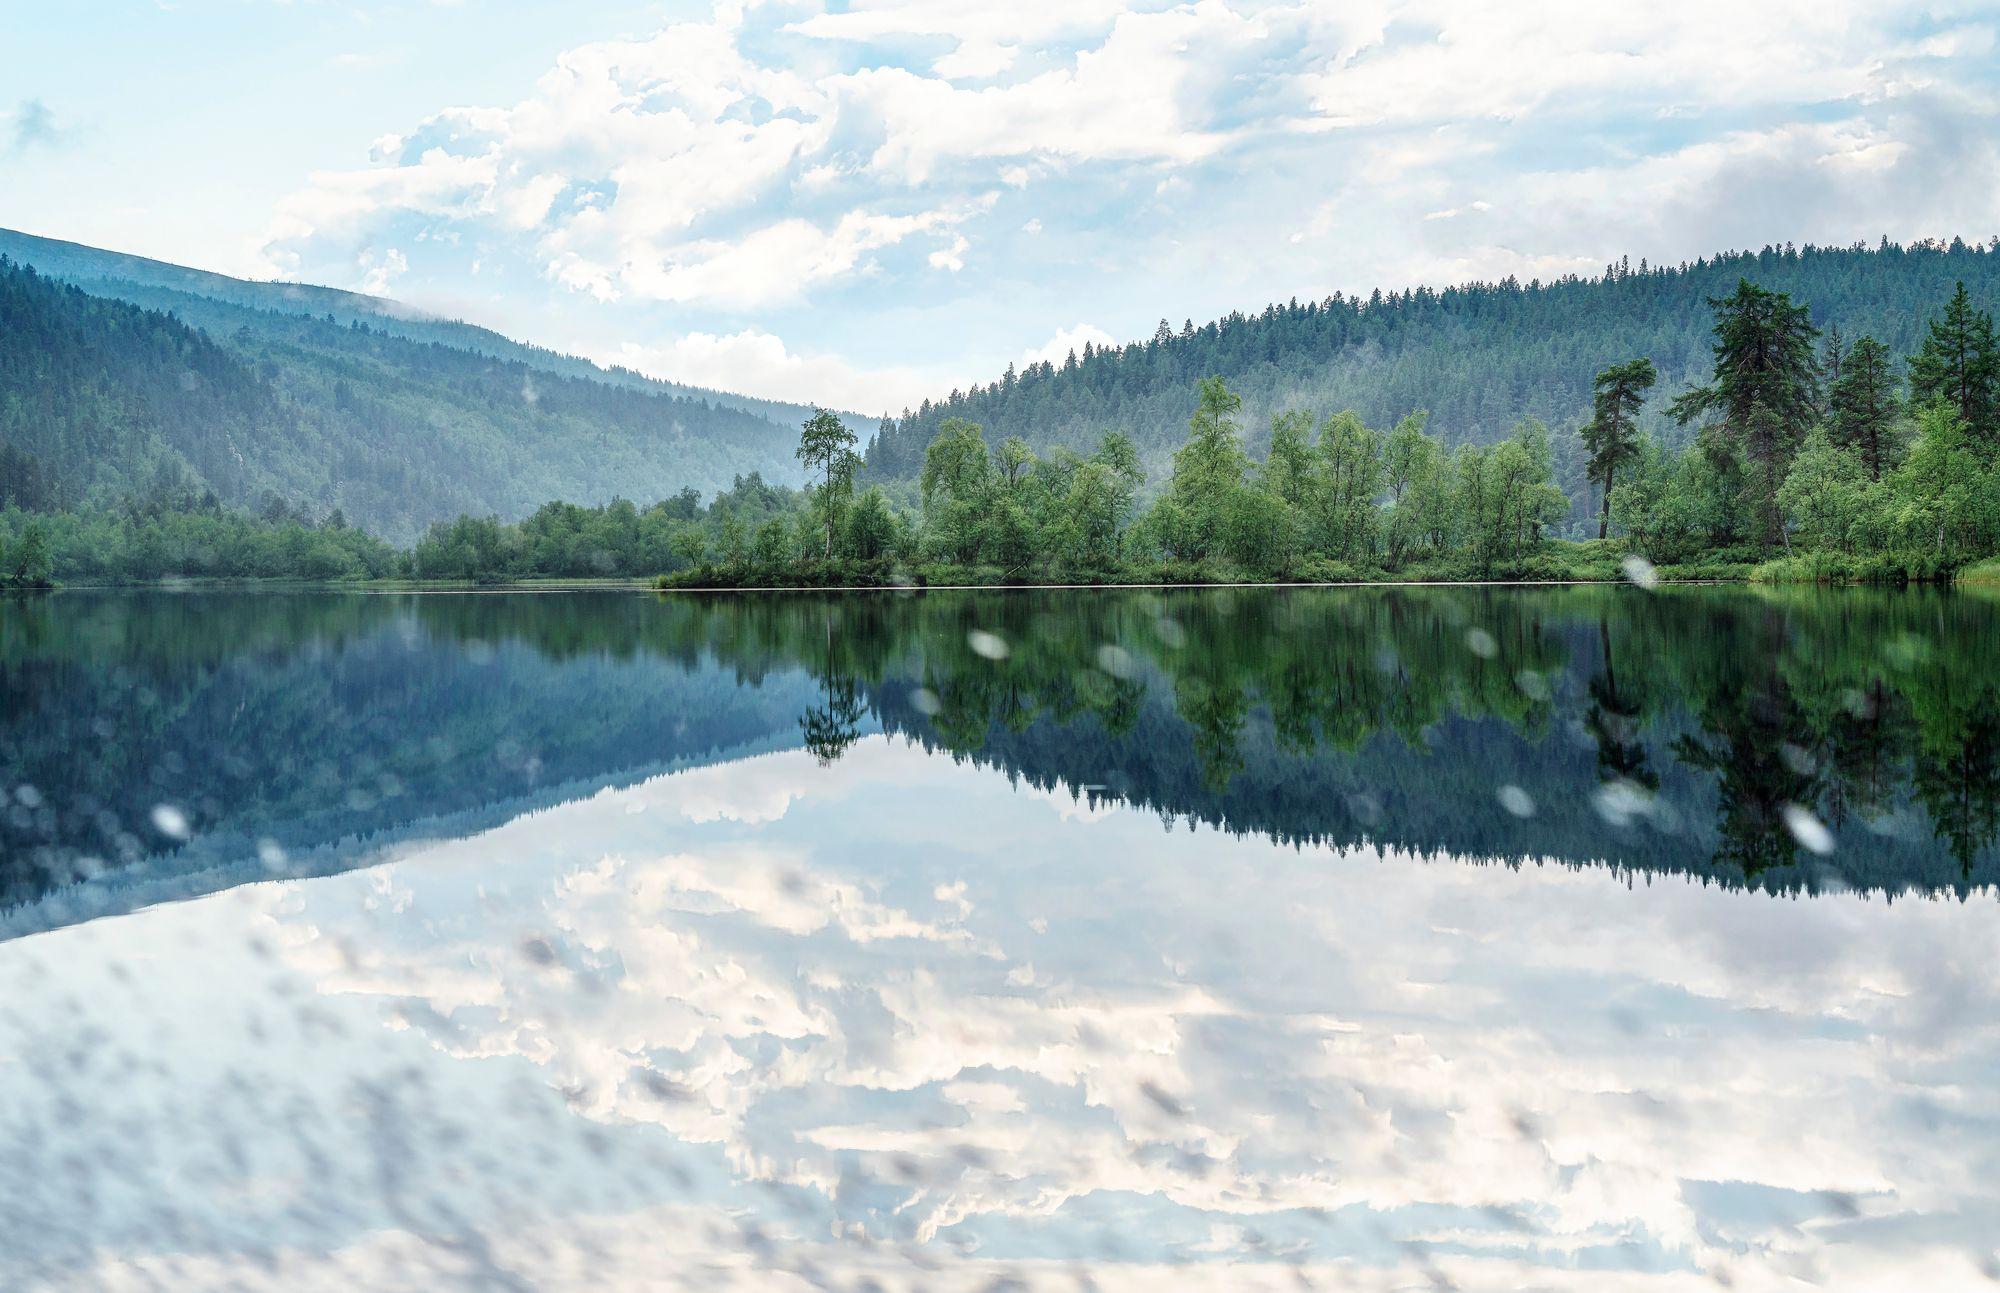 Noin 80 kilometriä pitkä Lemmenjoki virtaa tuntureiden keskellä. © Juha Kauppinen